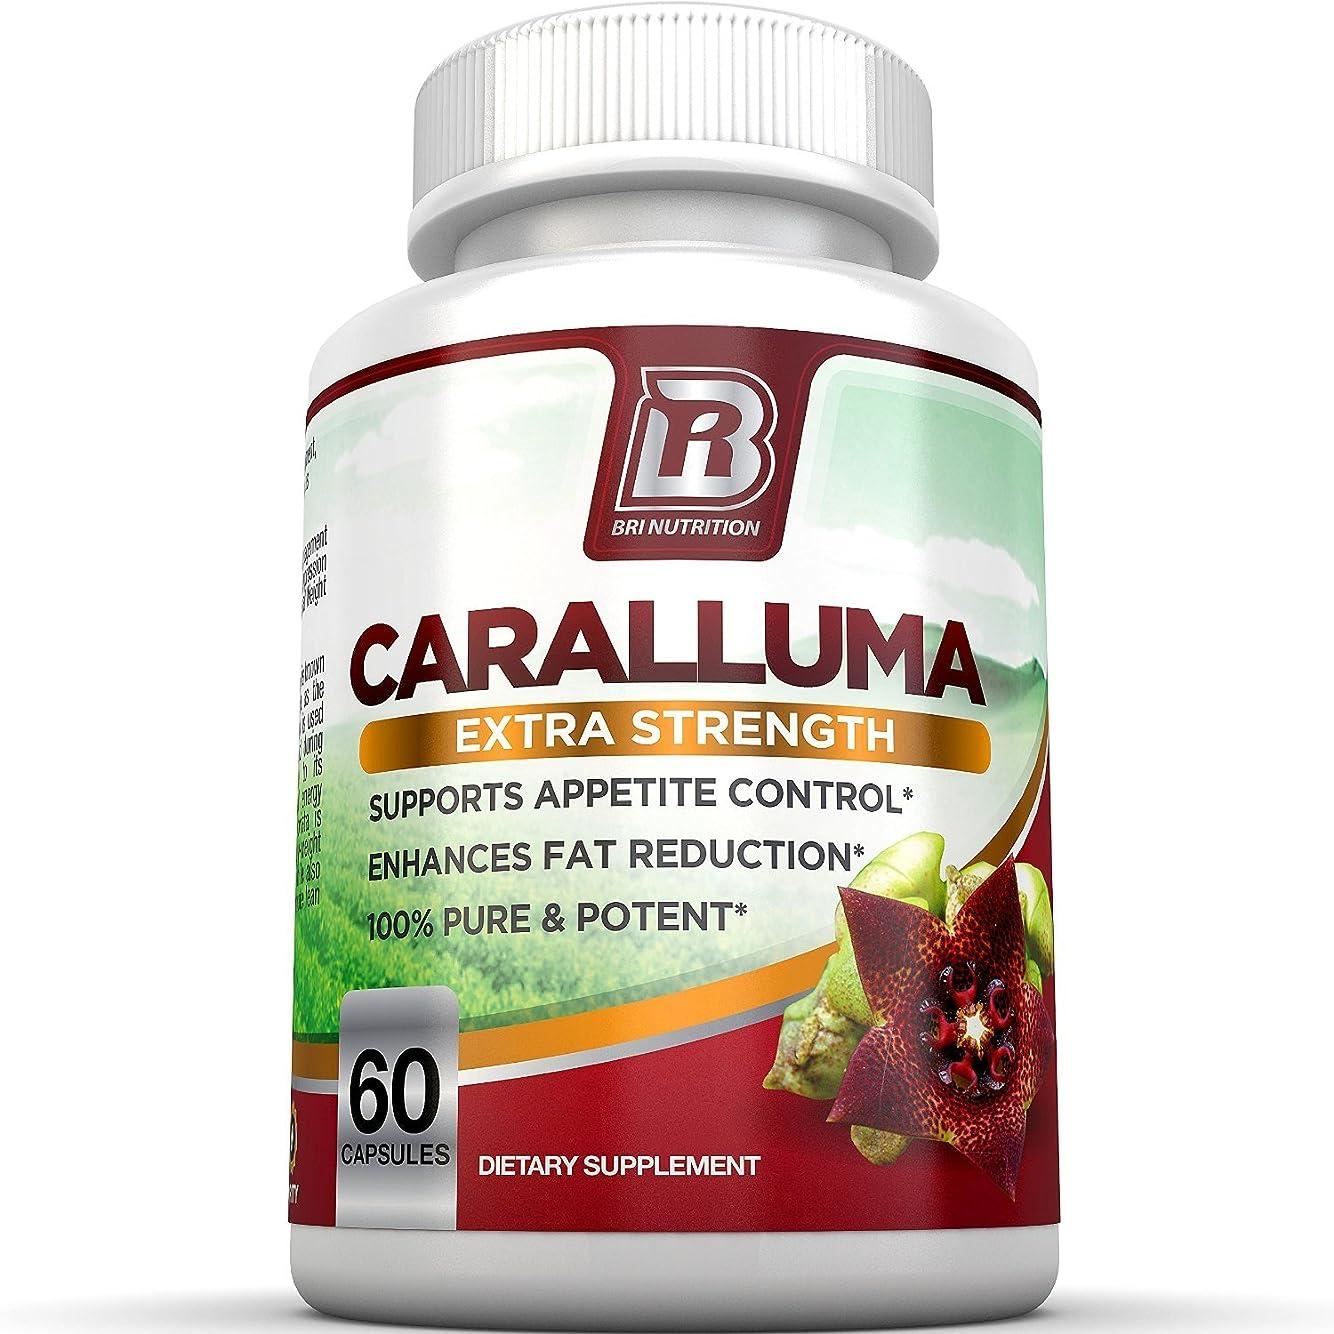 キャップ移住する任意BRI栄養カラルマFimbriata - 20 : 1エキス最大耐力?サプリメント - 30日サプライ60ctベジカプセル - ピュアインドカラルマFimbriataから作りました BRI Nutrition Caralluma Fimbriata - 20:1 Extract Maximum Strength Supplement - Made From Pure Indian Caralluma Fimbriata - 30 Day Supply 60ct Veggie Capsules